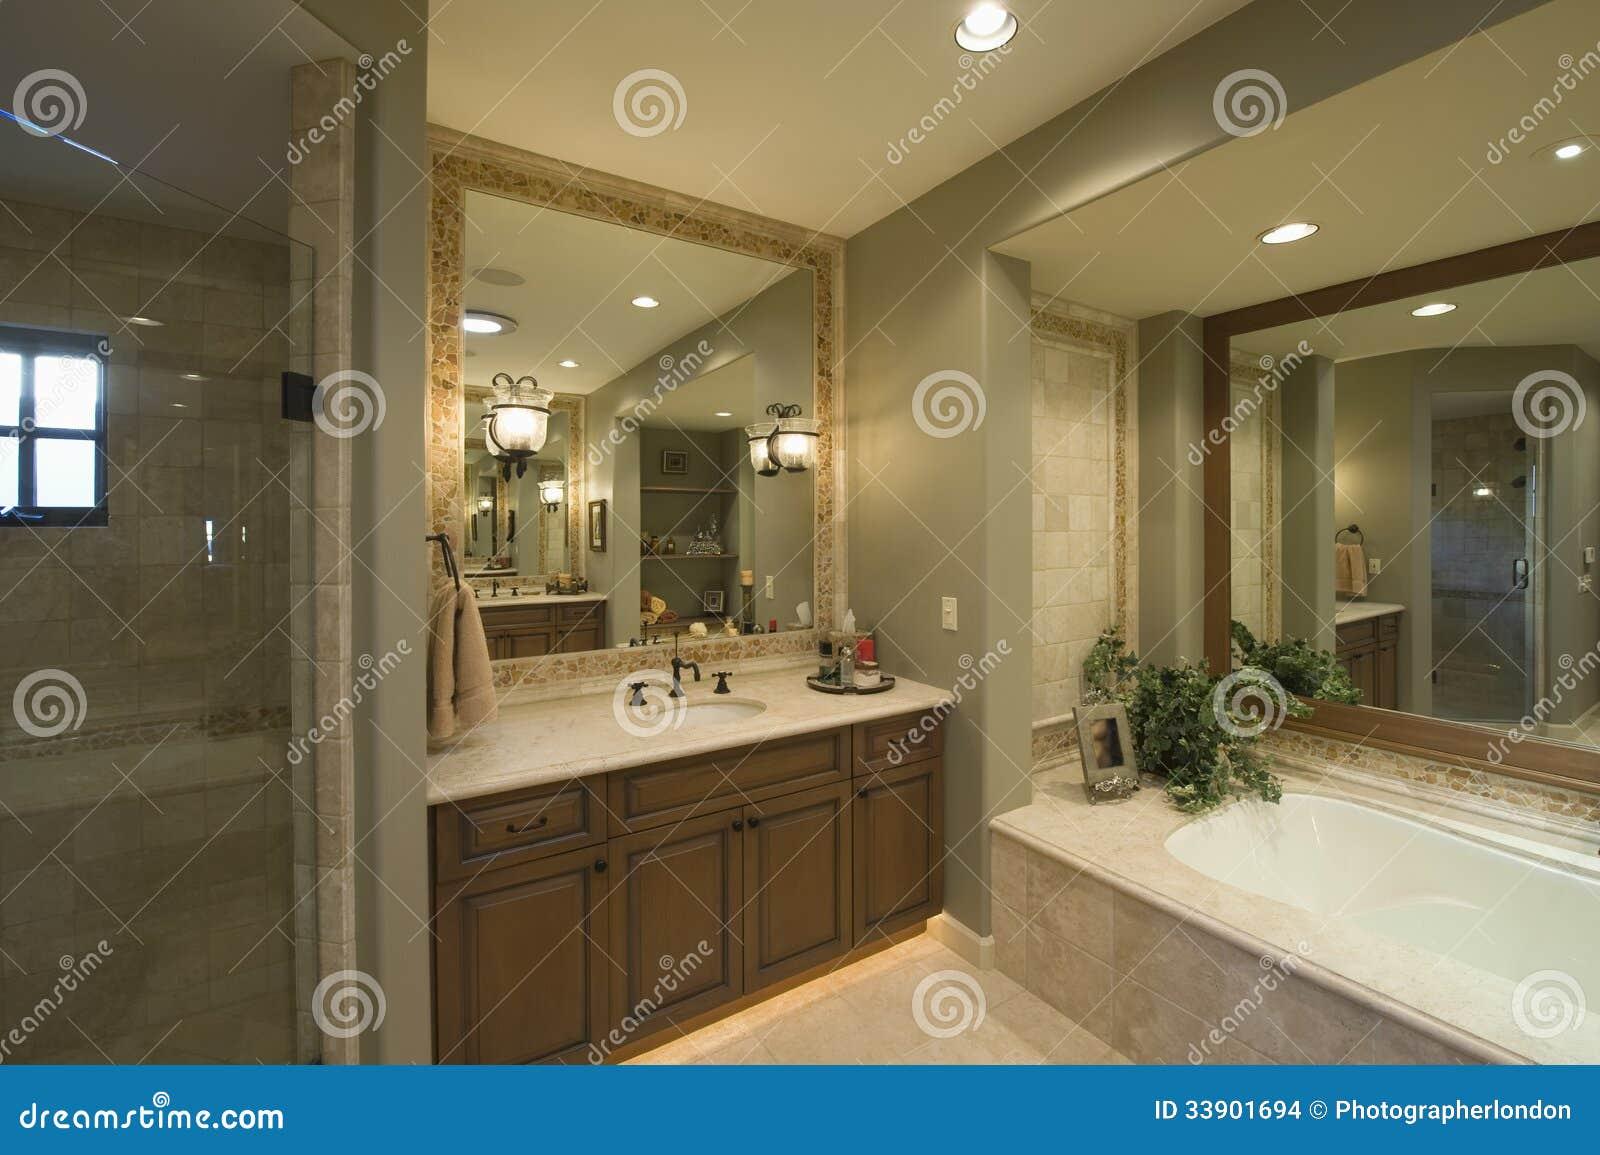 Espelho Quadrado Na Bacia Pela Banheira No Banheiro Imagens de Stock  #82A328 1300 955